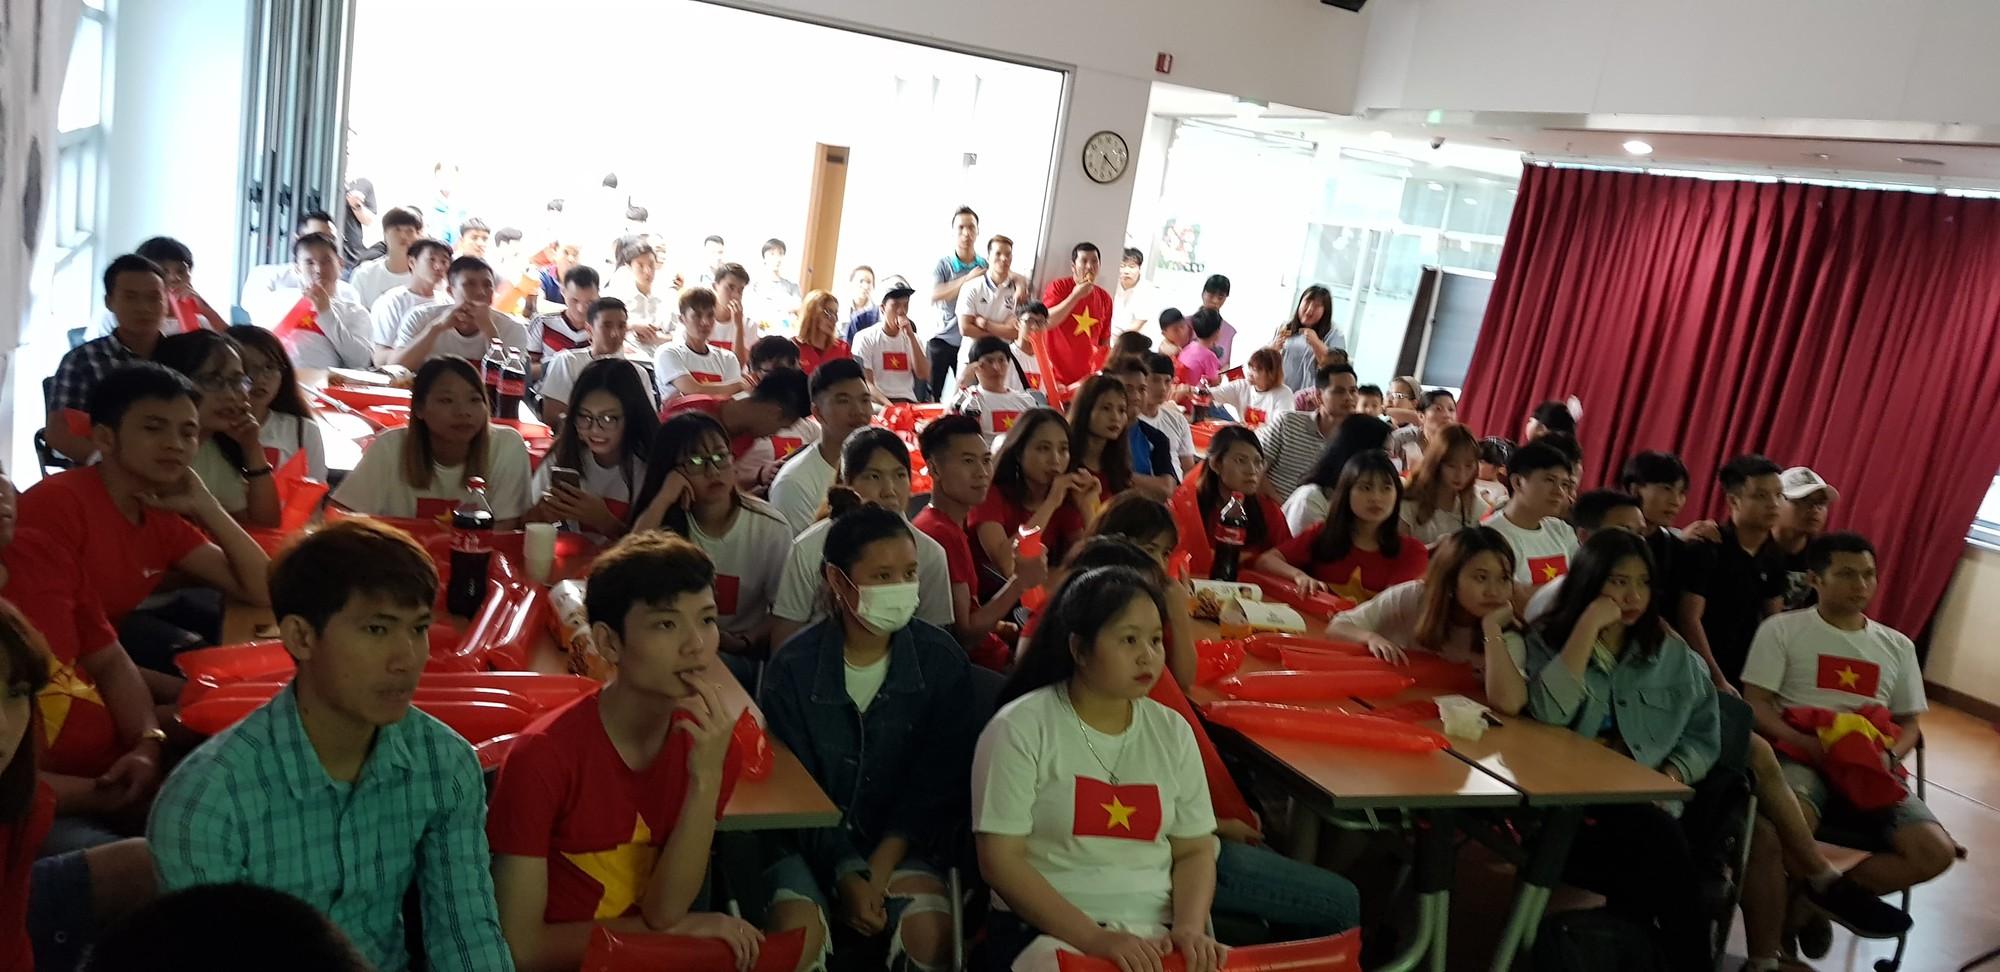 Người hâm mộ Việt Nam tại Hàn: Chúng ta thua nhưng đầy vẻ vang vì Hàn Quốc là một đội rất mạnh - Ảnh 1.